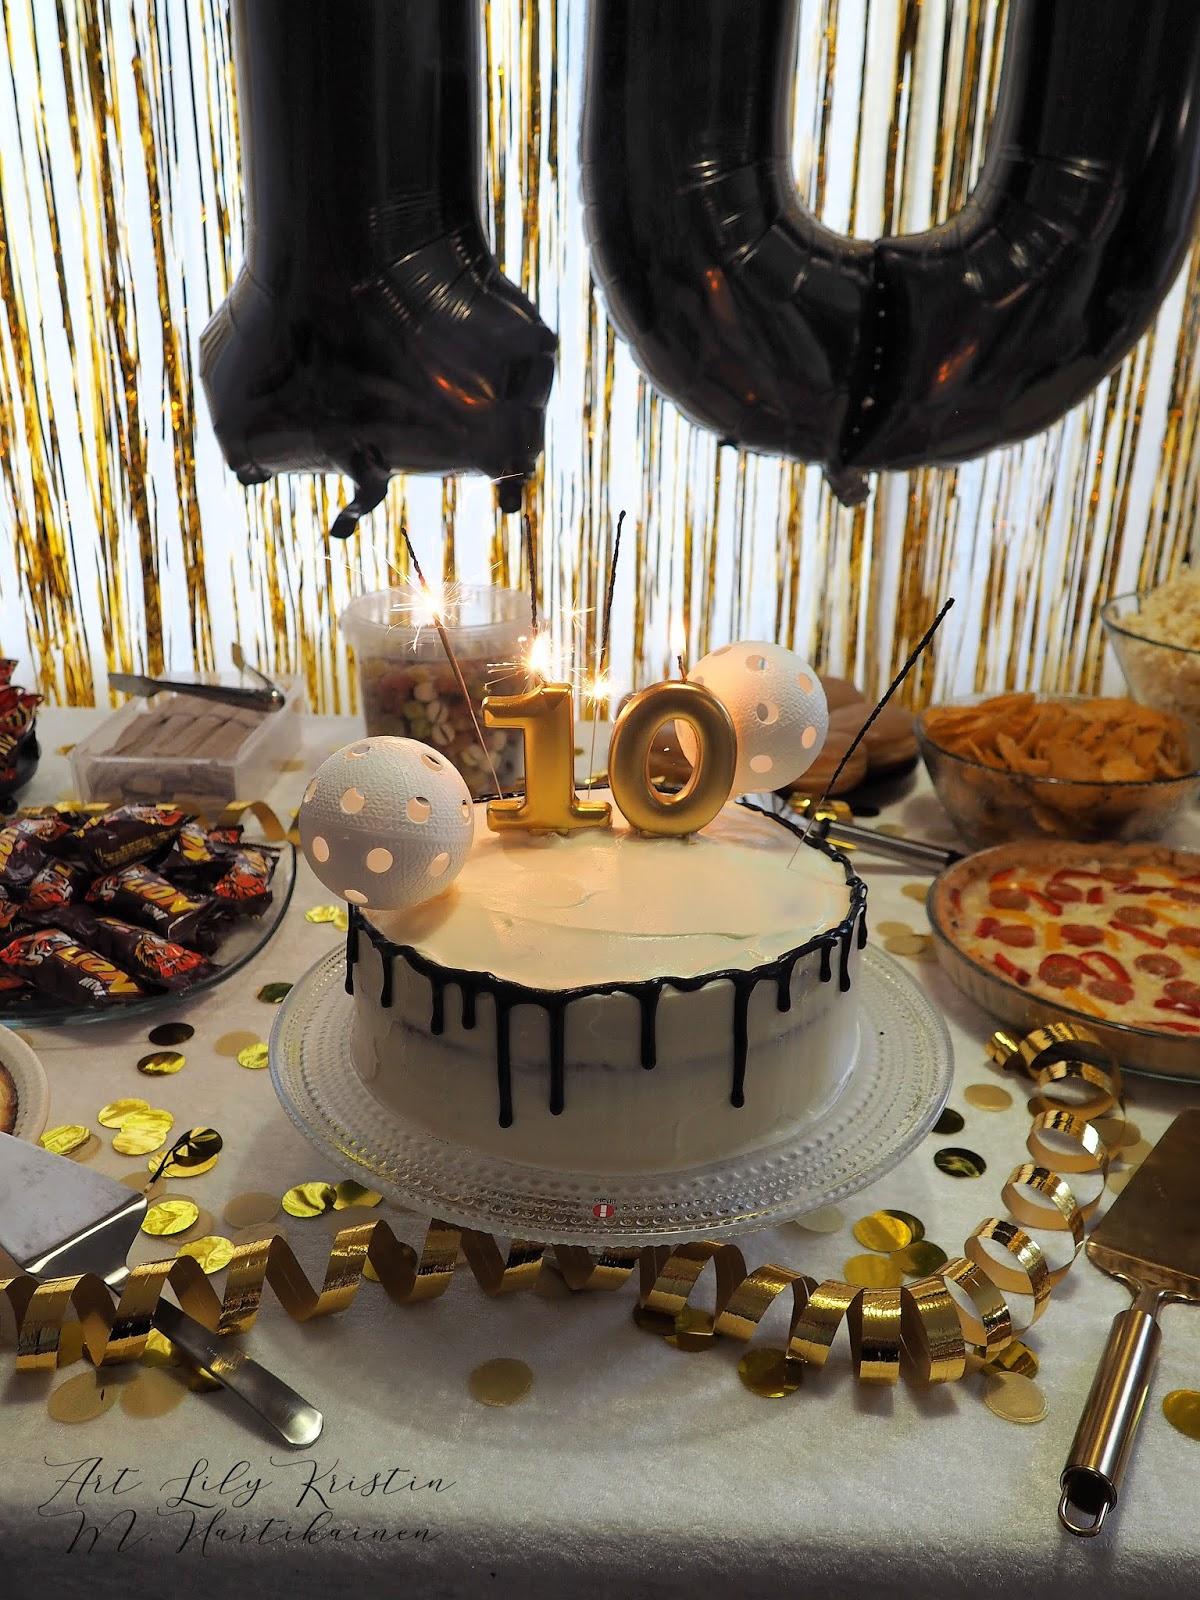 Ovatko lastenjuhlat karanneet käsistä? Lukijoiden 6 niksiä suitsia kuluja